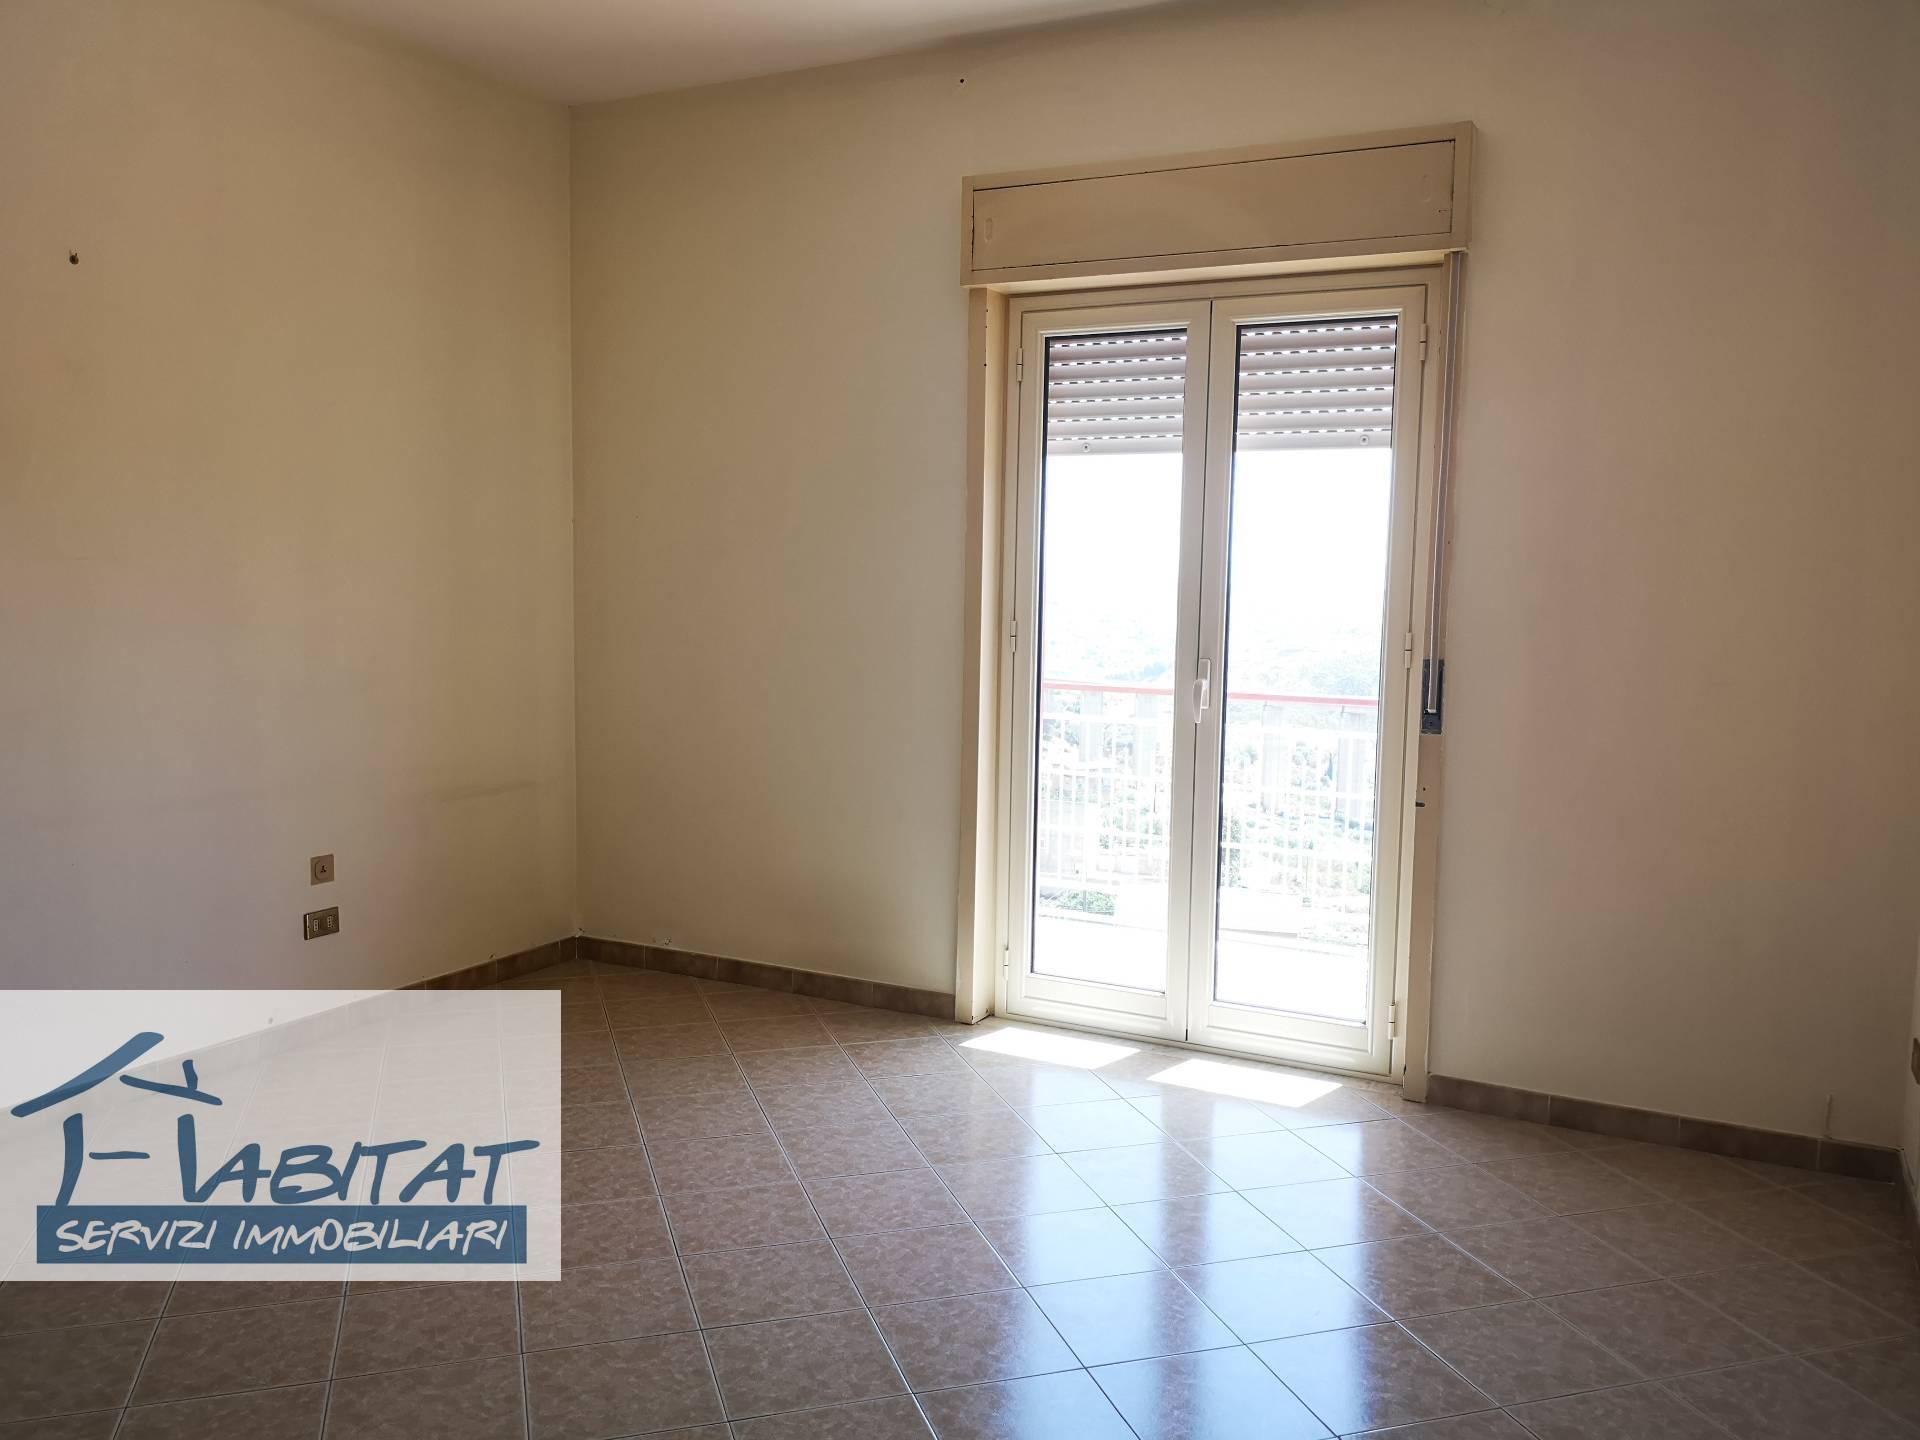 Appartamento in vendita Quadrivio Agrigento